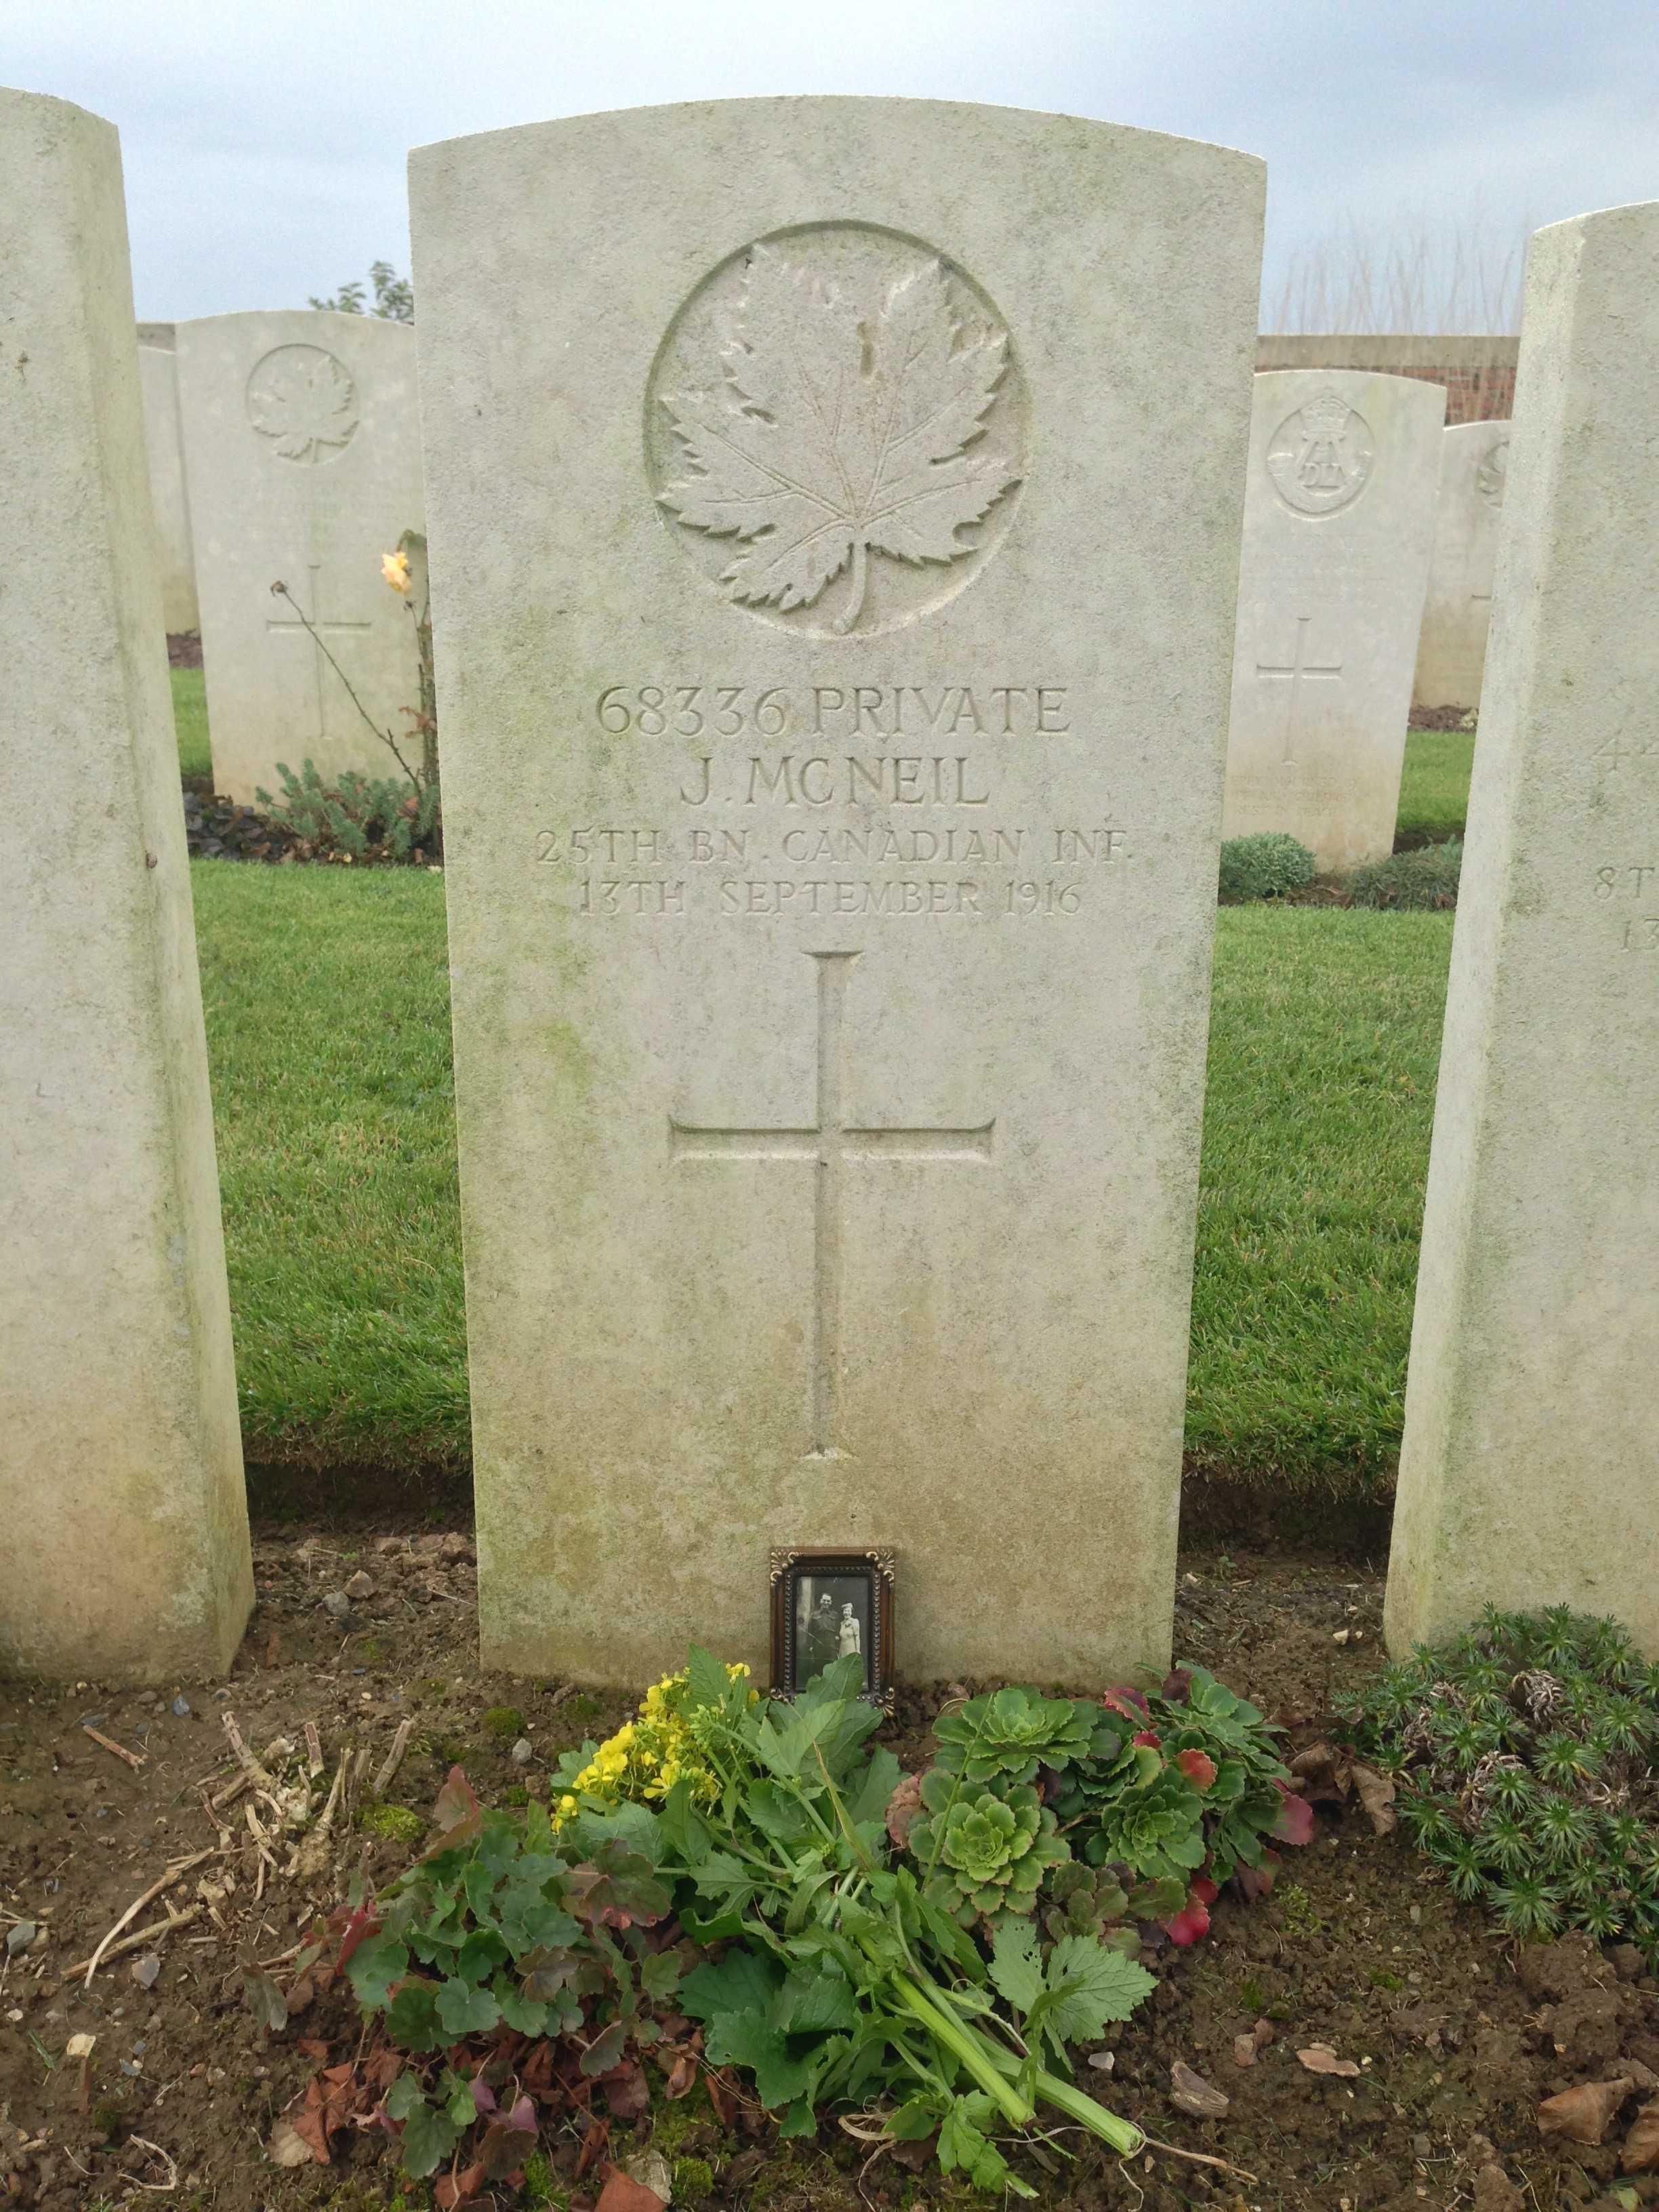 Grave marker– Visit to uncle James gravesite in France October 2014